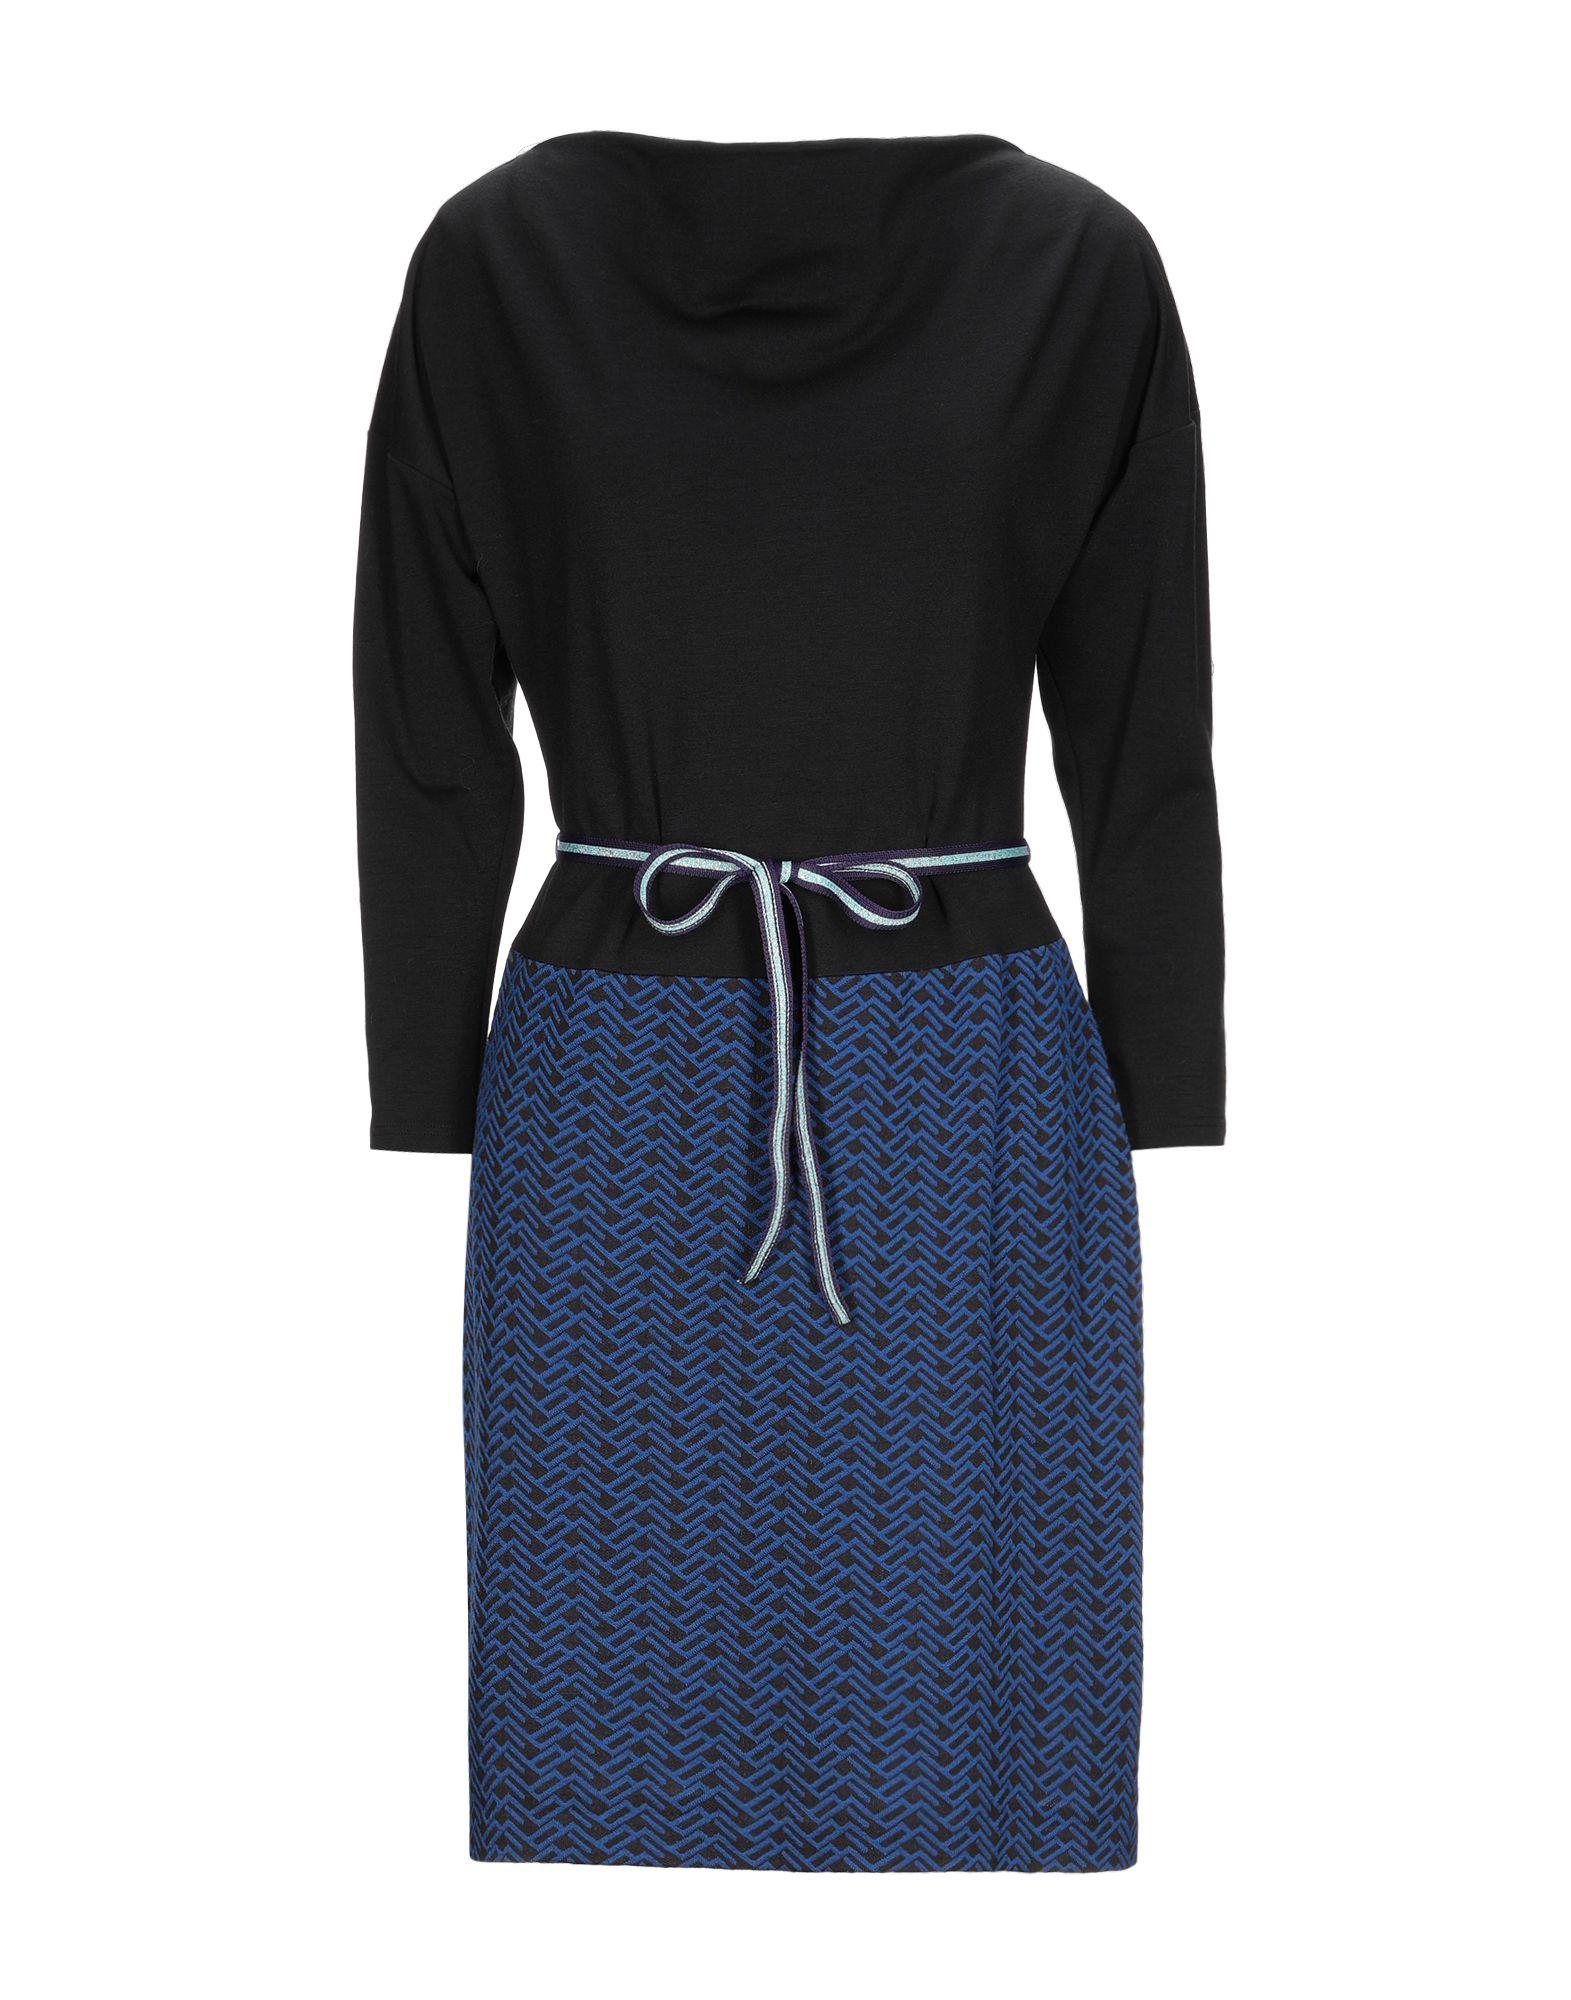 《セール開催中》CONNI KAMINSKI レディース ミニワンピース&ドレス ブラック L PES - ポリエーテルサルフォン 55% / ウール 45%